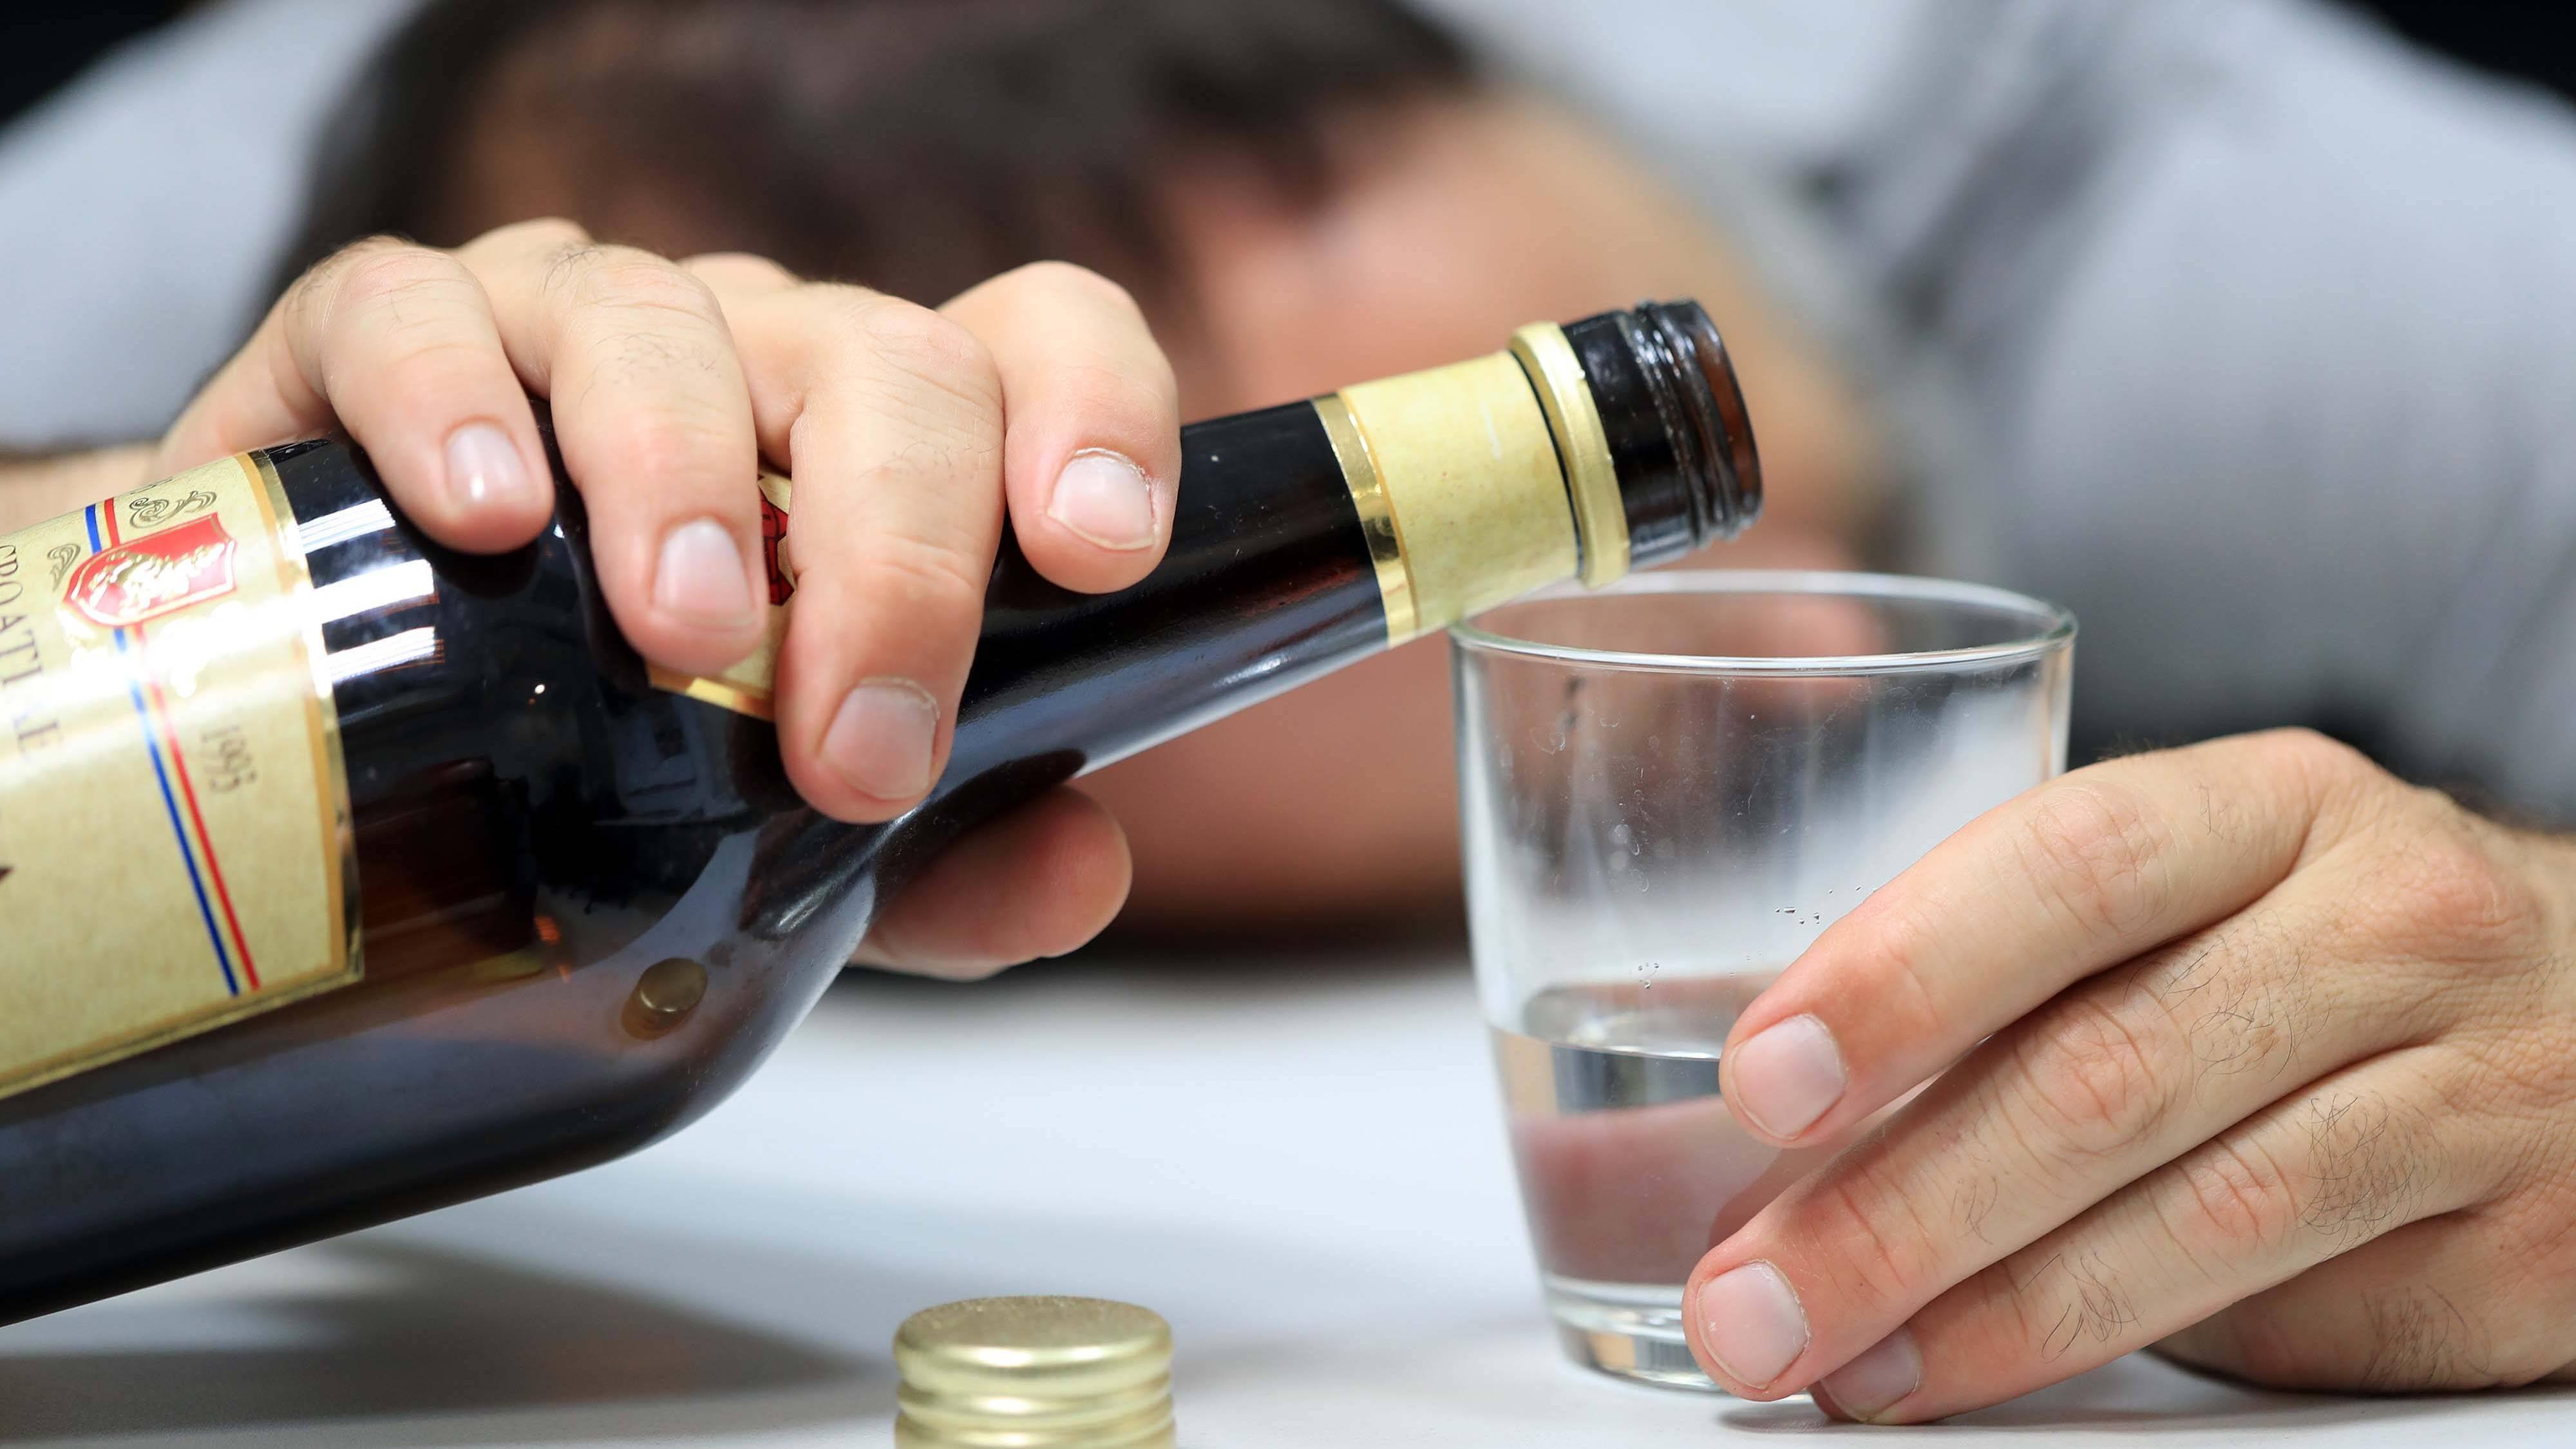 Betrunken wählen ist in Deutschland erlaubt